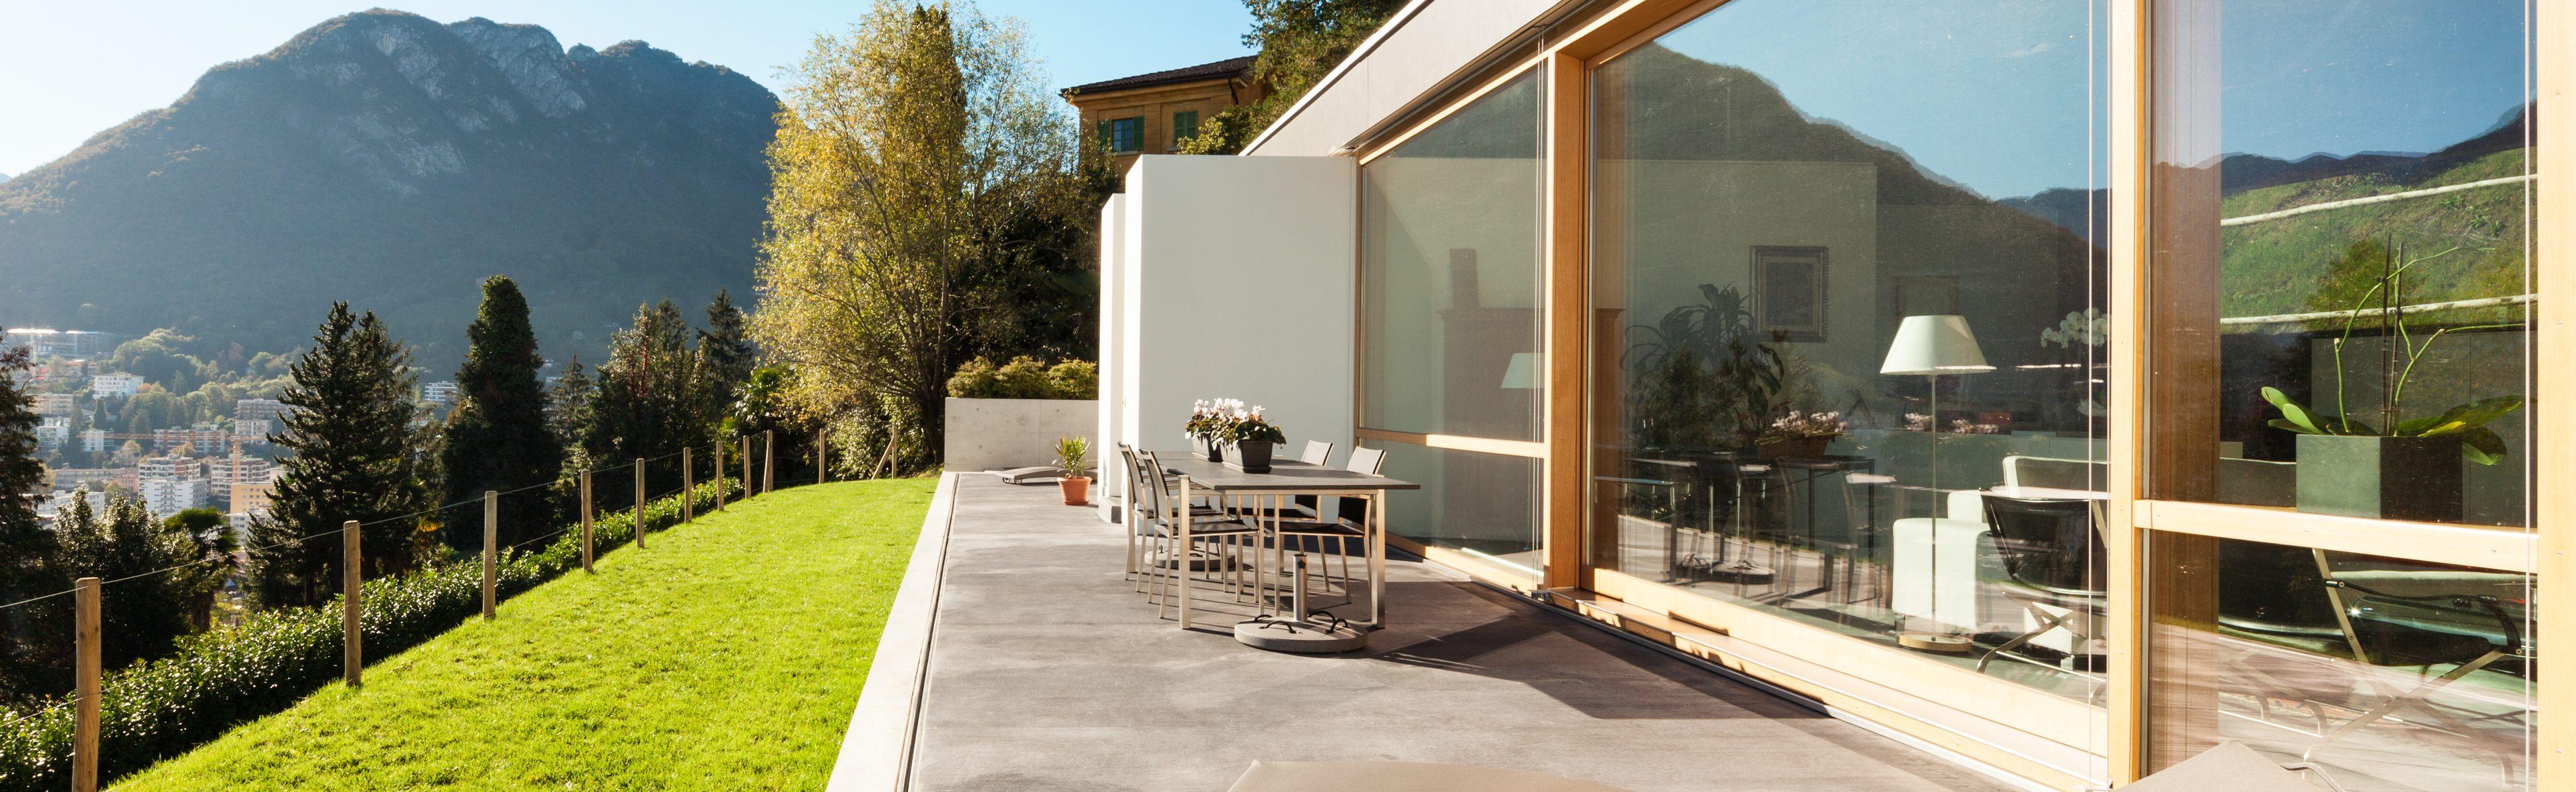 Comment Fabriquer Une Terrasse En Beton quel est le prix d'une terrasse béton ? – tout sur le béton